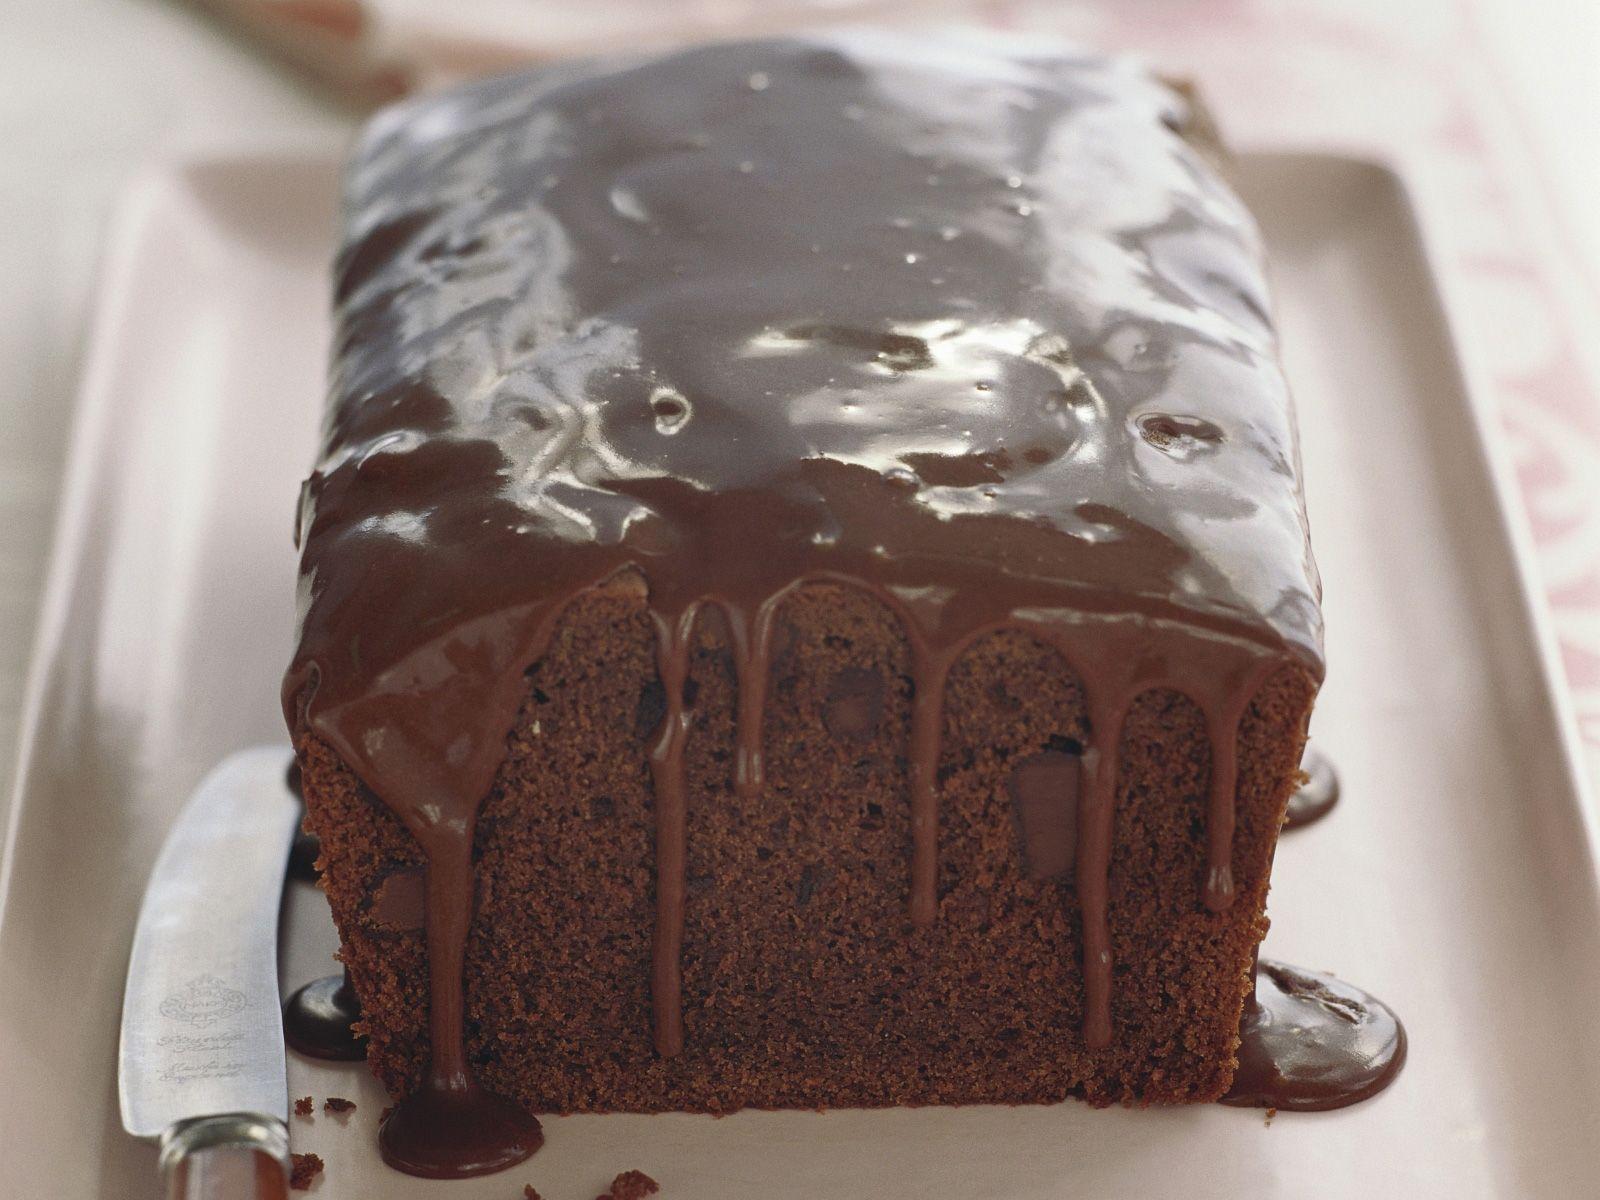 Kuchen Kastenform Rezept Einfach Kuchen Kastenform Rezept Einfach